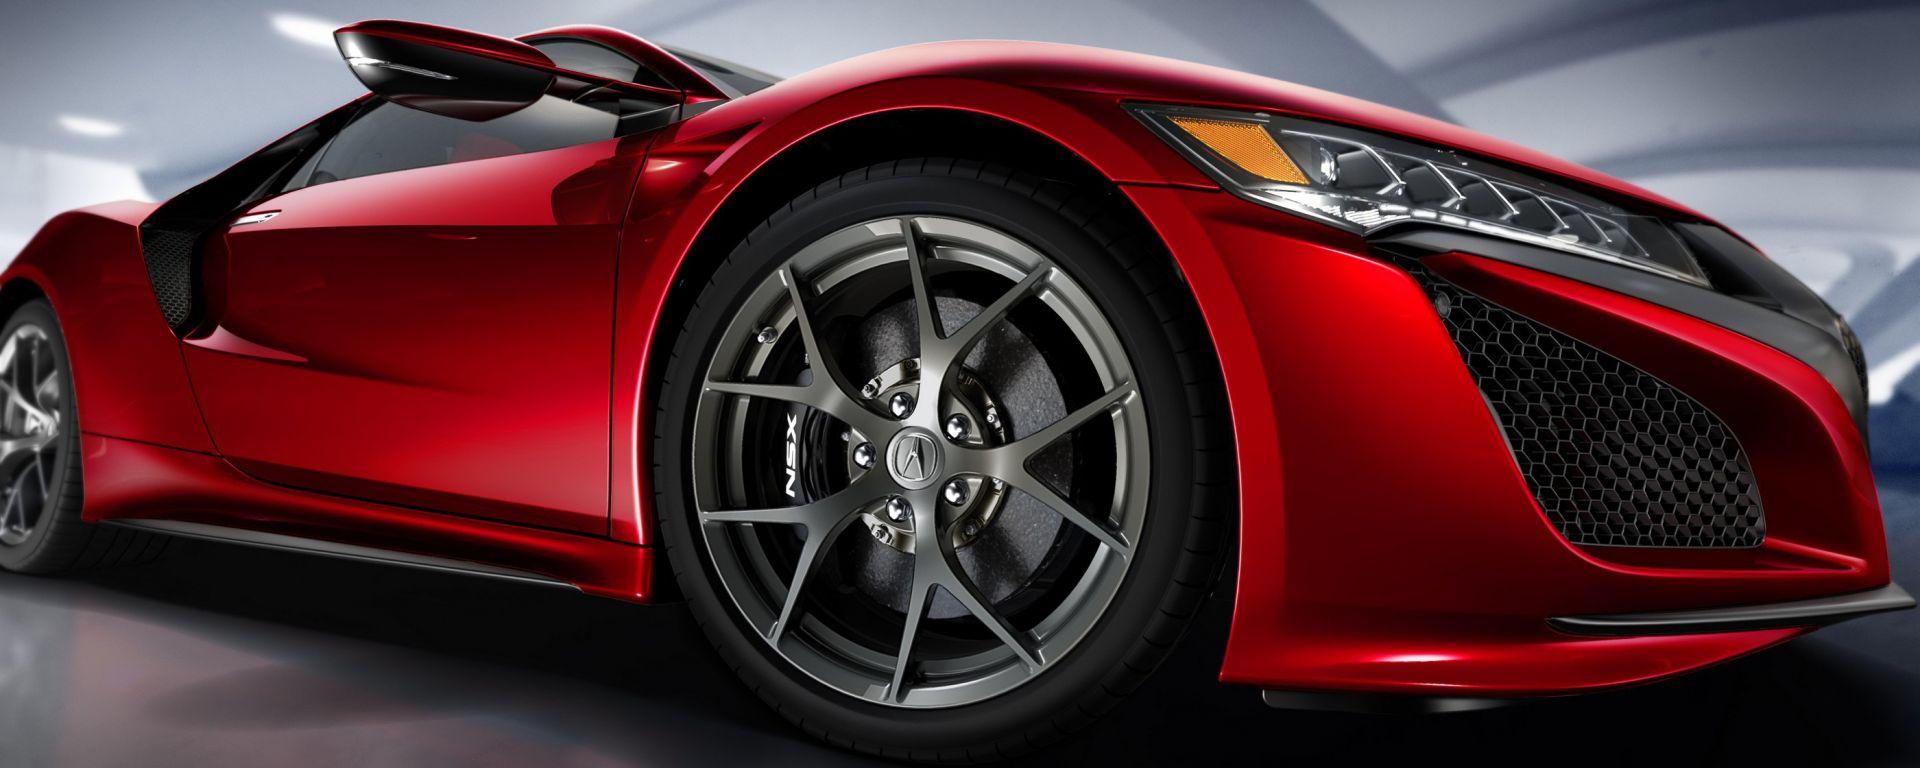 Honda: brevettato un cambio a 11 marce e tripla frizione. Debutterà sulla NSX?